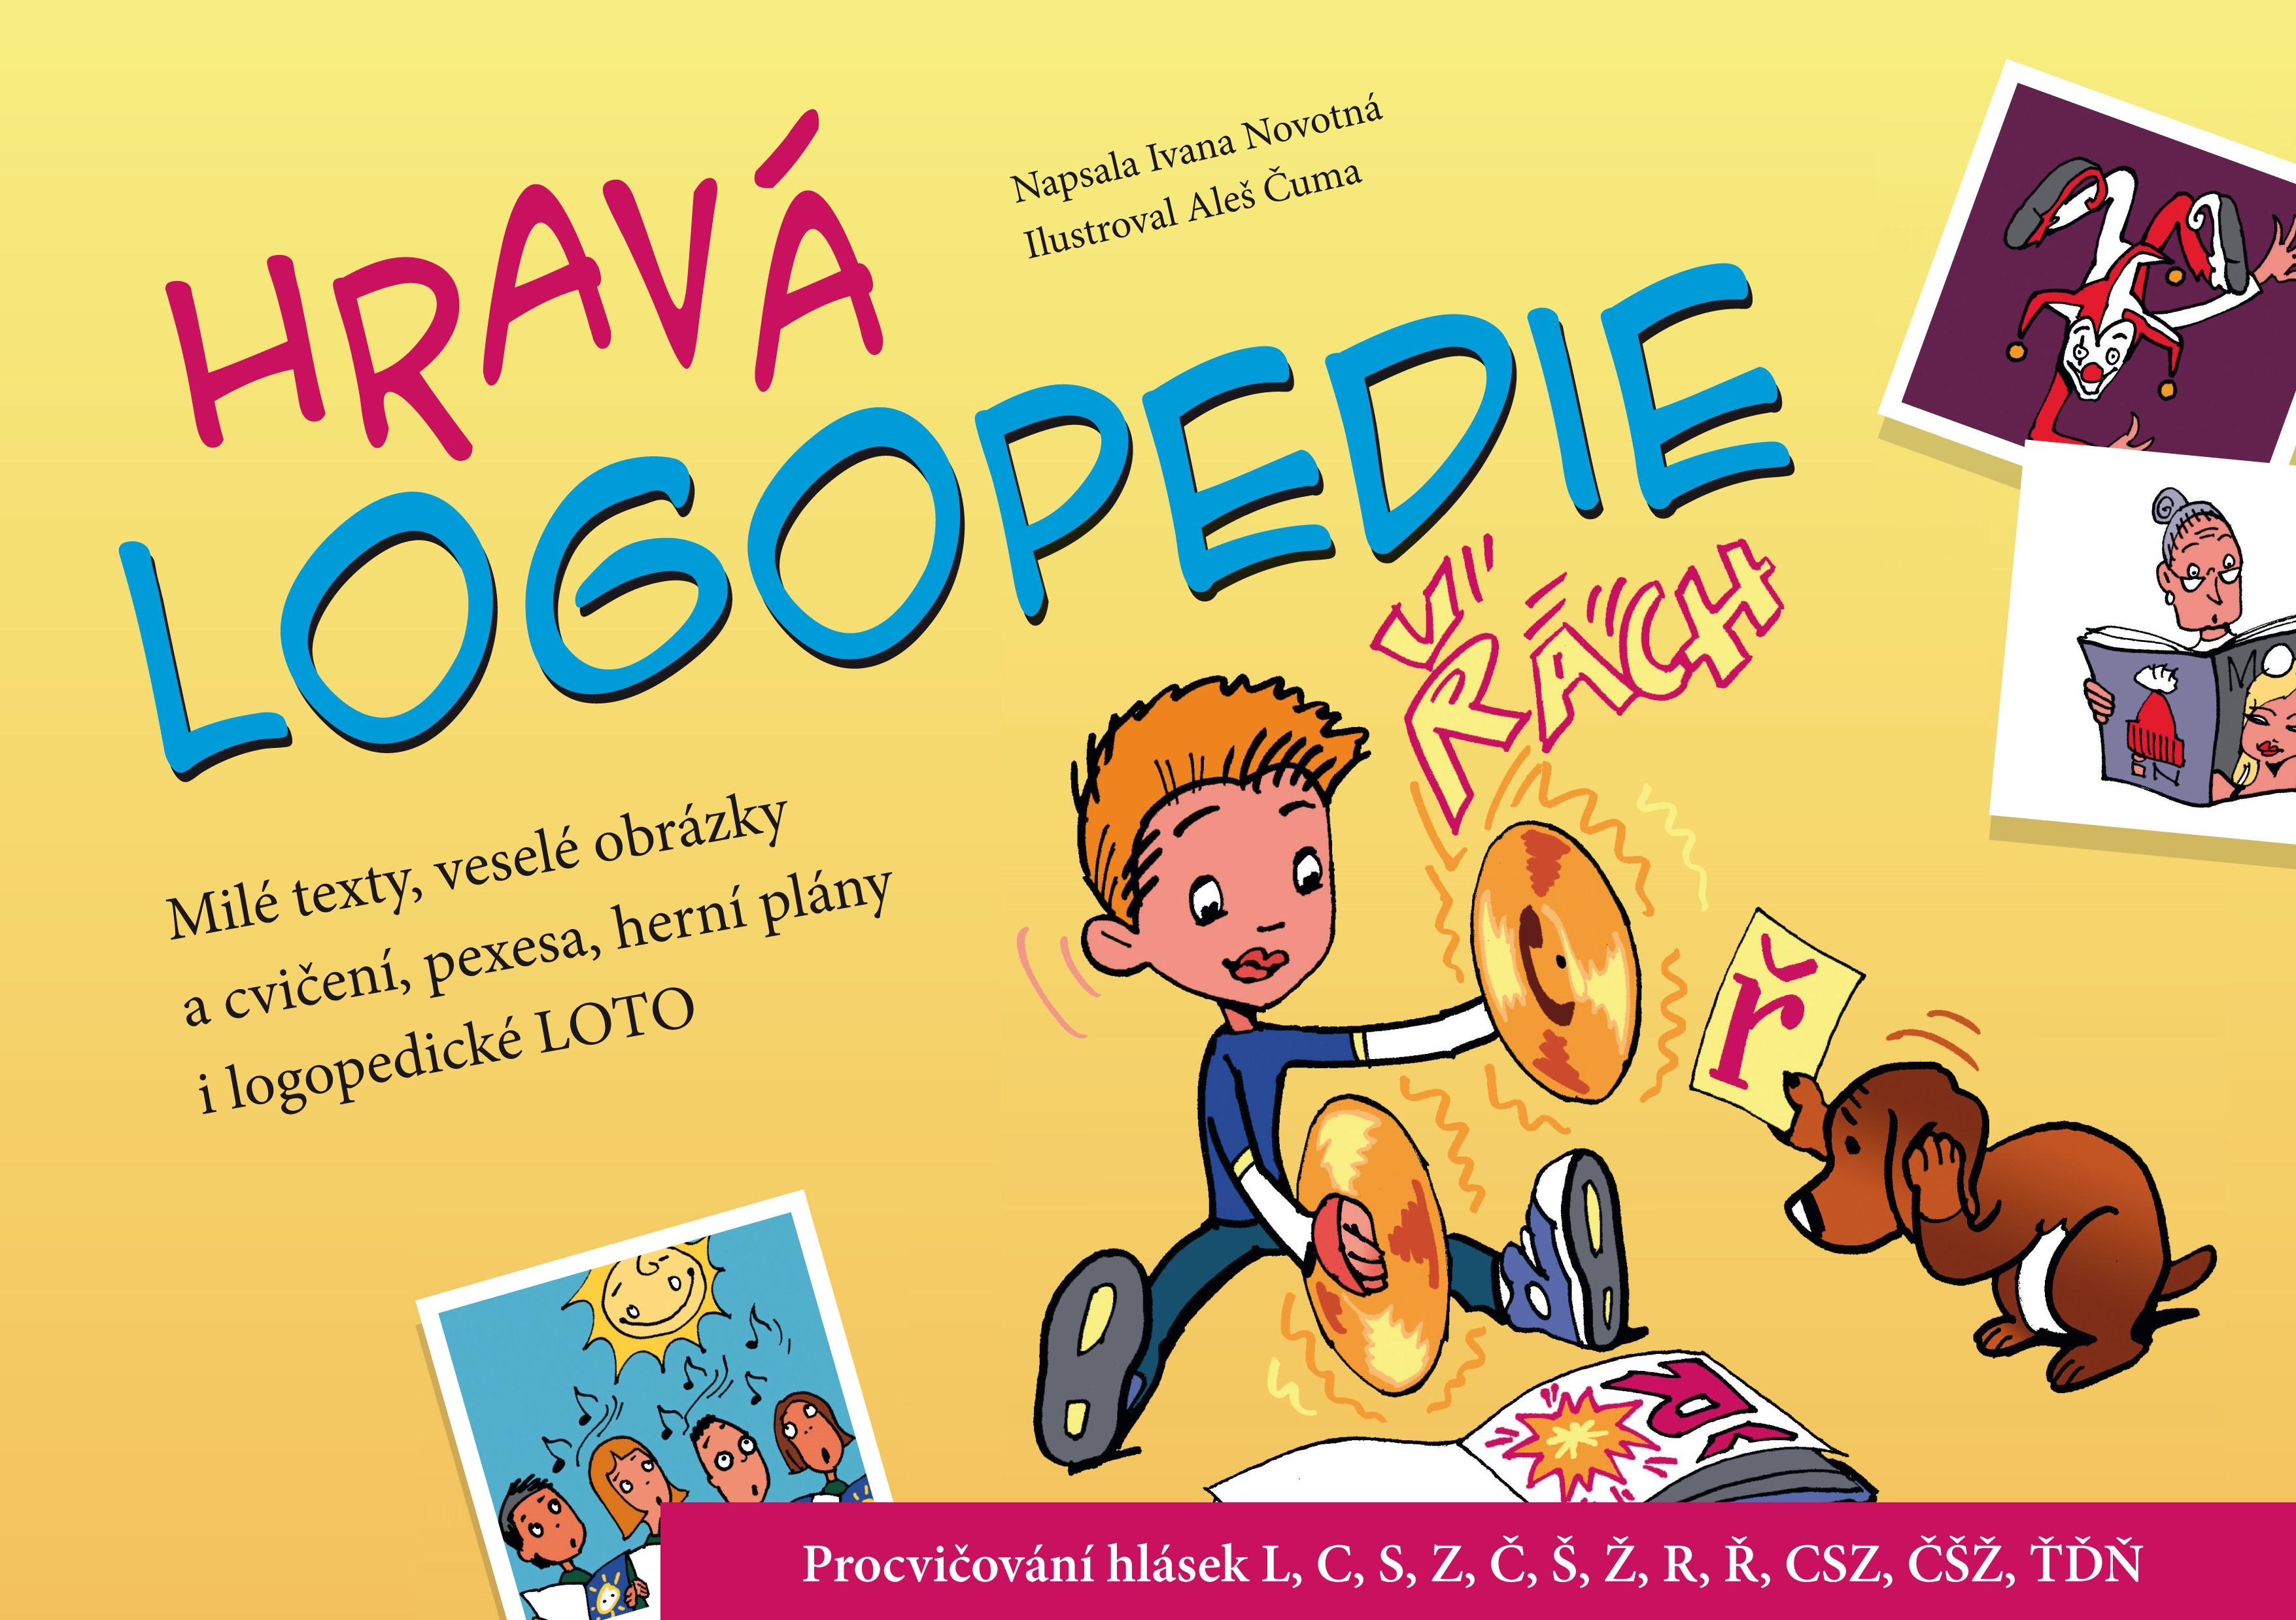 Hravá logopedie | Ivana Novotná